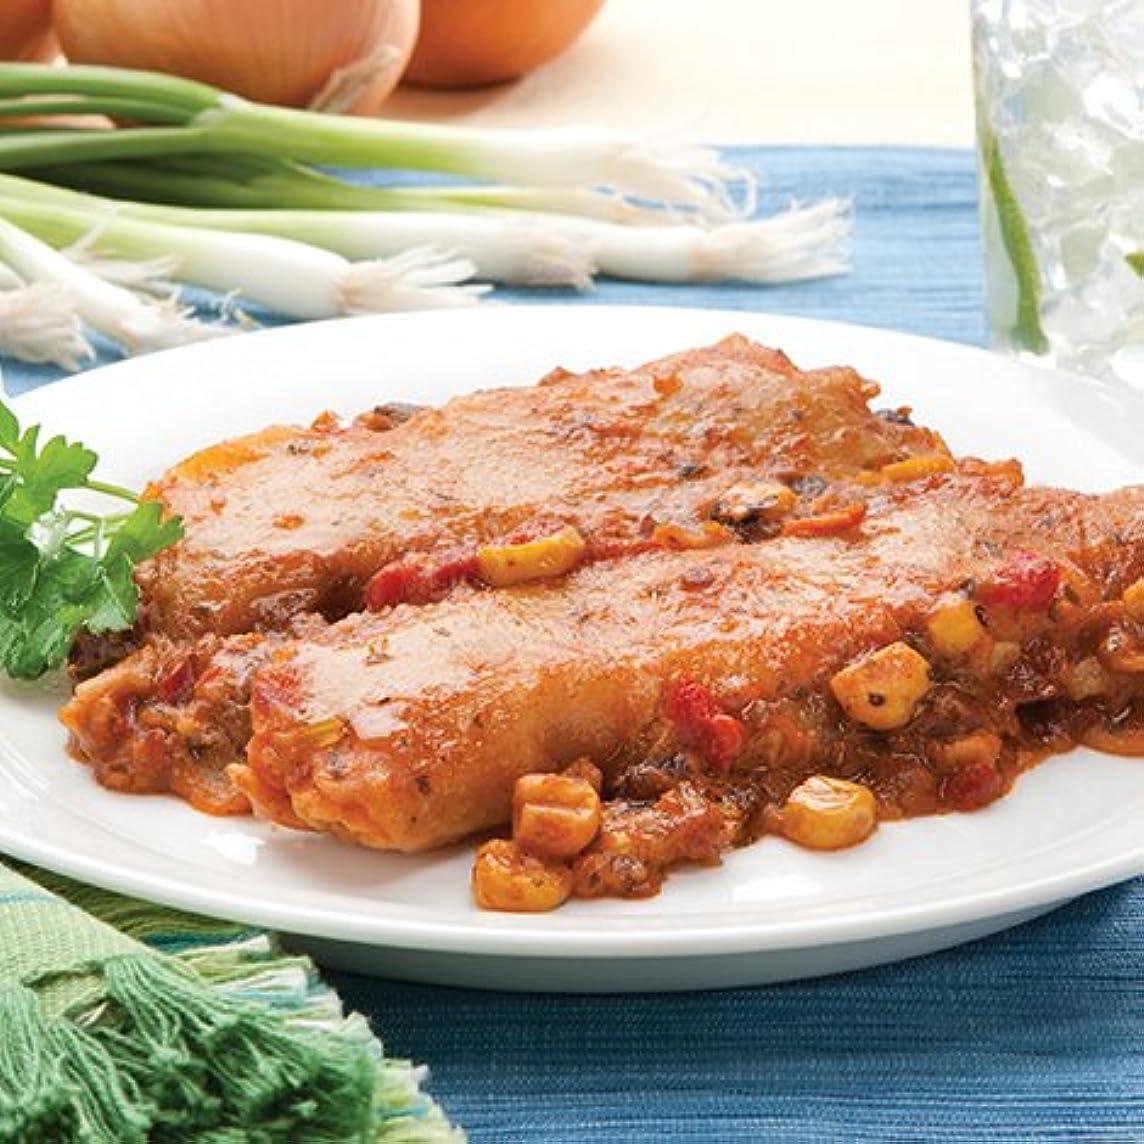 Healthwise Chicken Enchilada Verde, 8 oz.